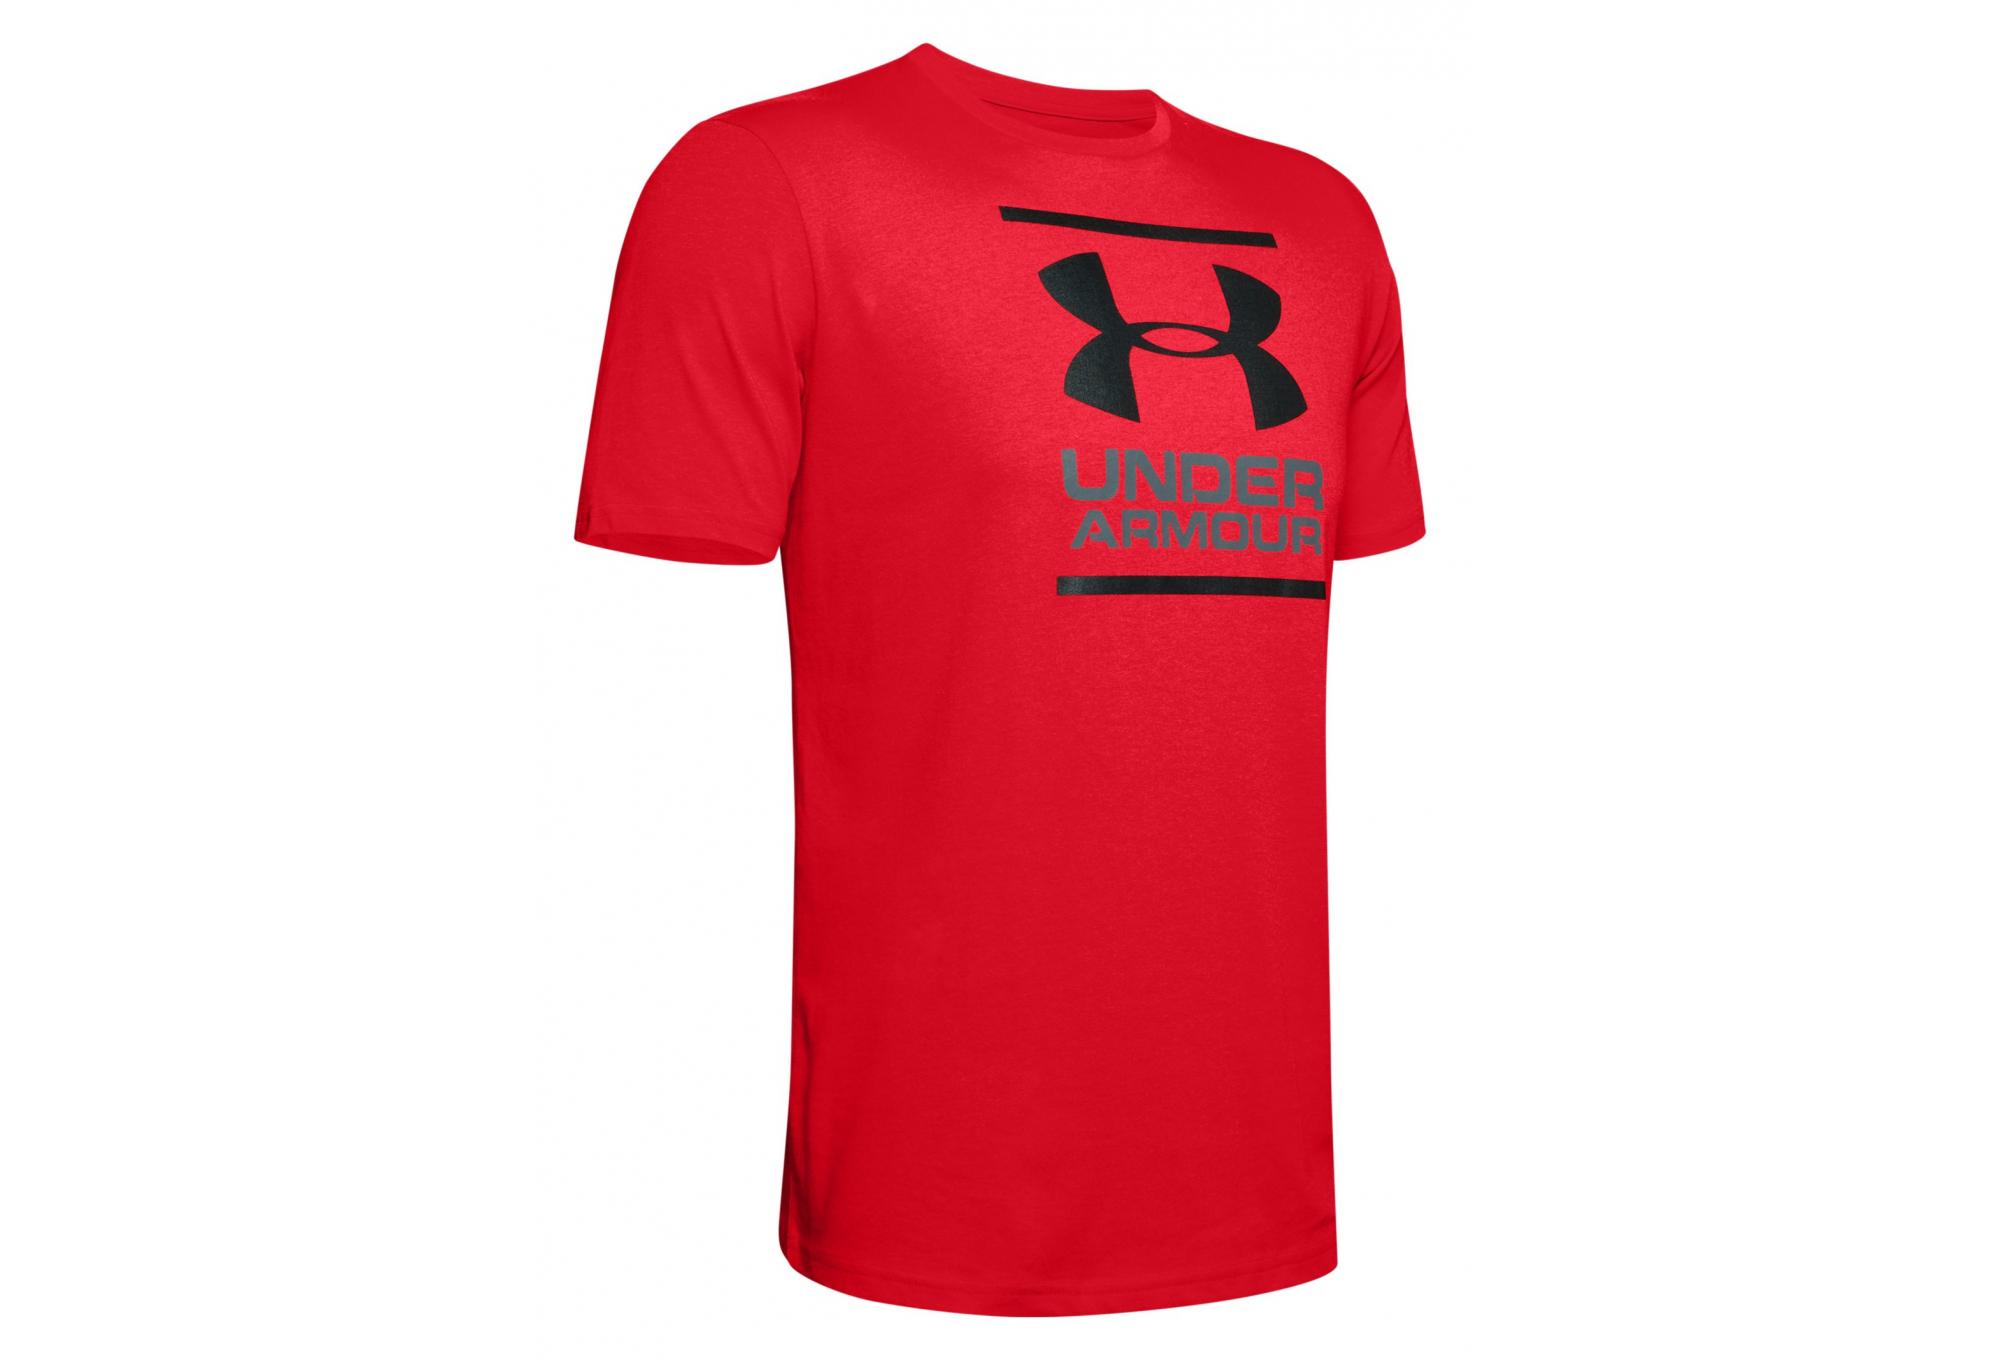 Under Armour HeatGear GL Foundation Short Sleeve Shirt T-Shirt red 1326849-601